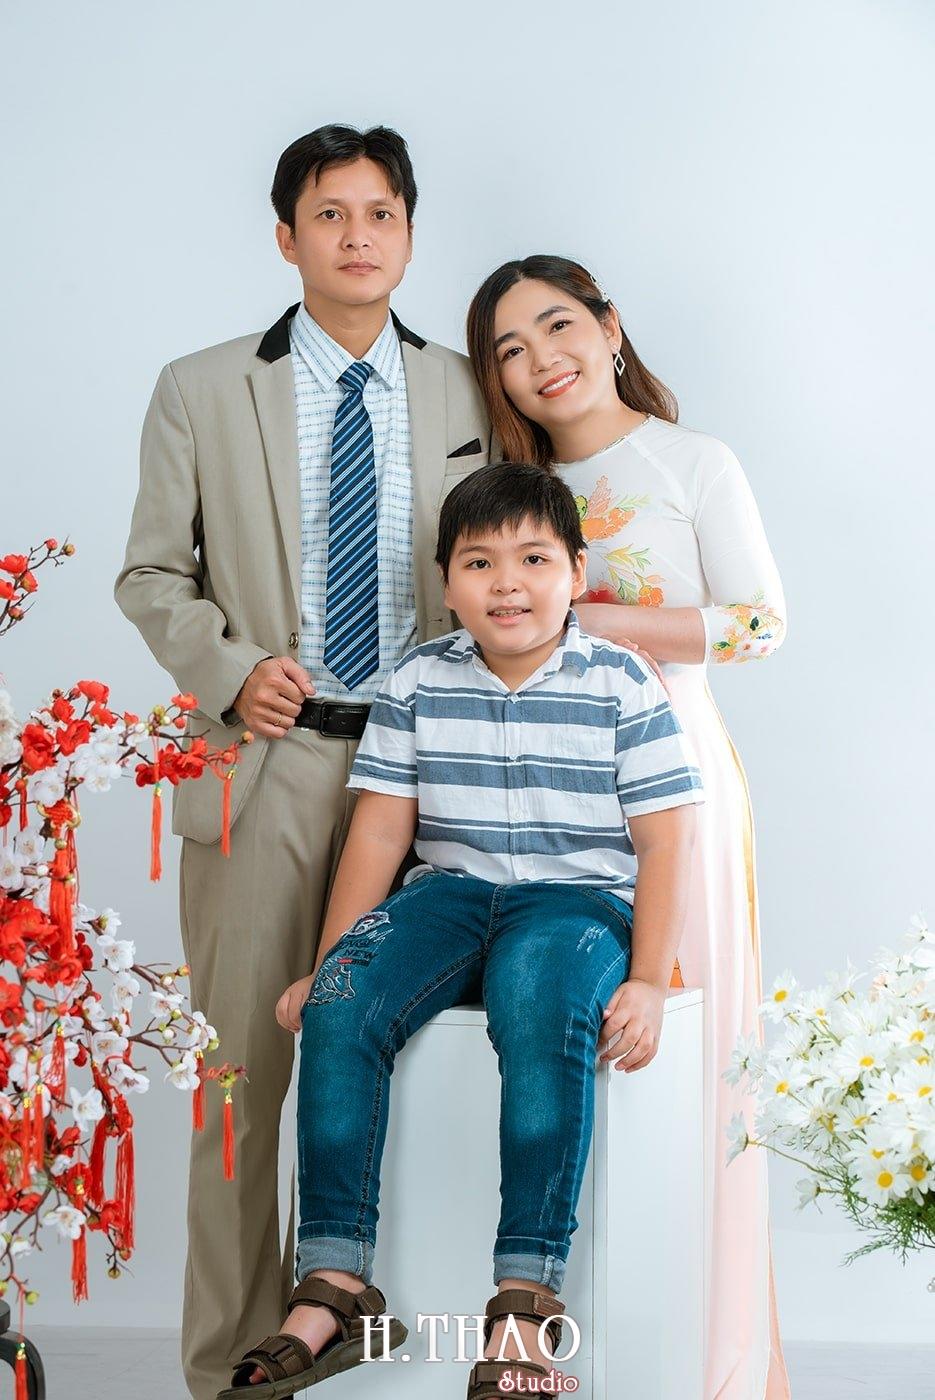 Anh gia dinh - Dịch vụ chụp ảnh kỷ niệm ngày cưới - HThao Studio